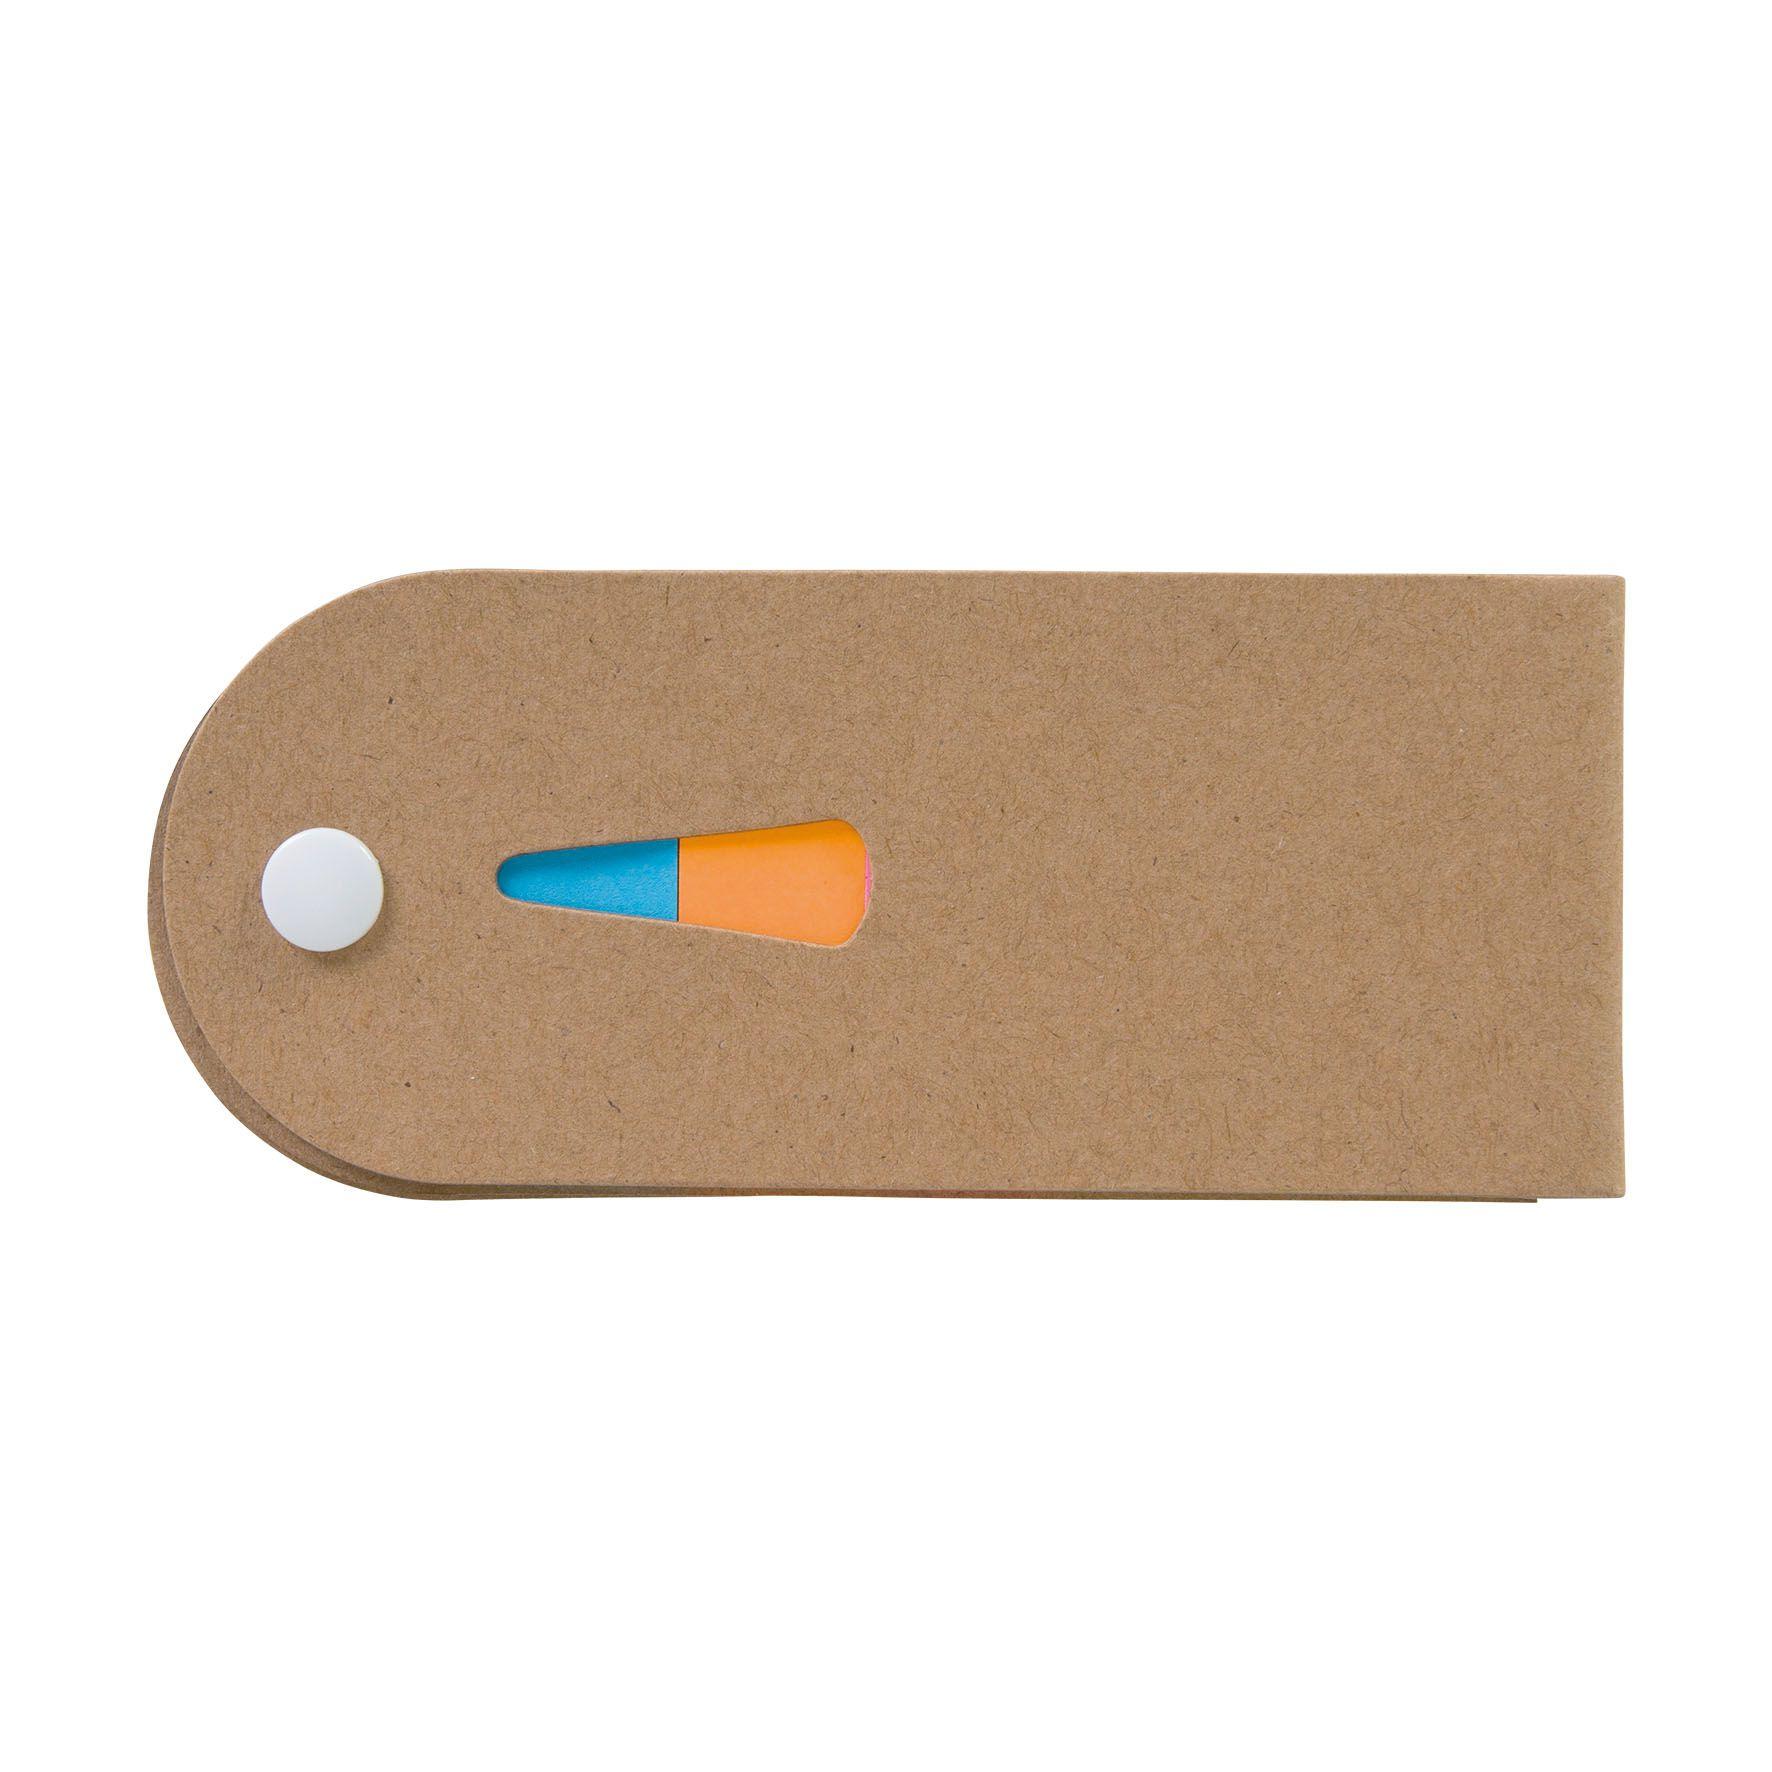 Mini bloc-notes publicitaire adhesifs Coulice - objet publicitaire